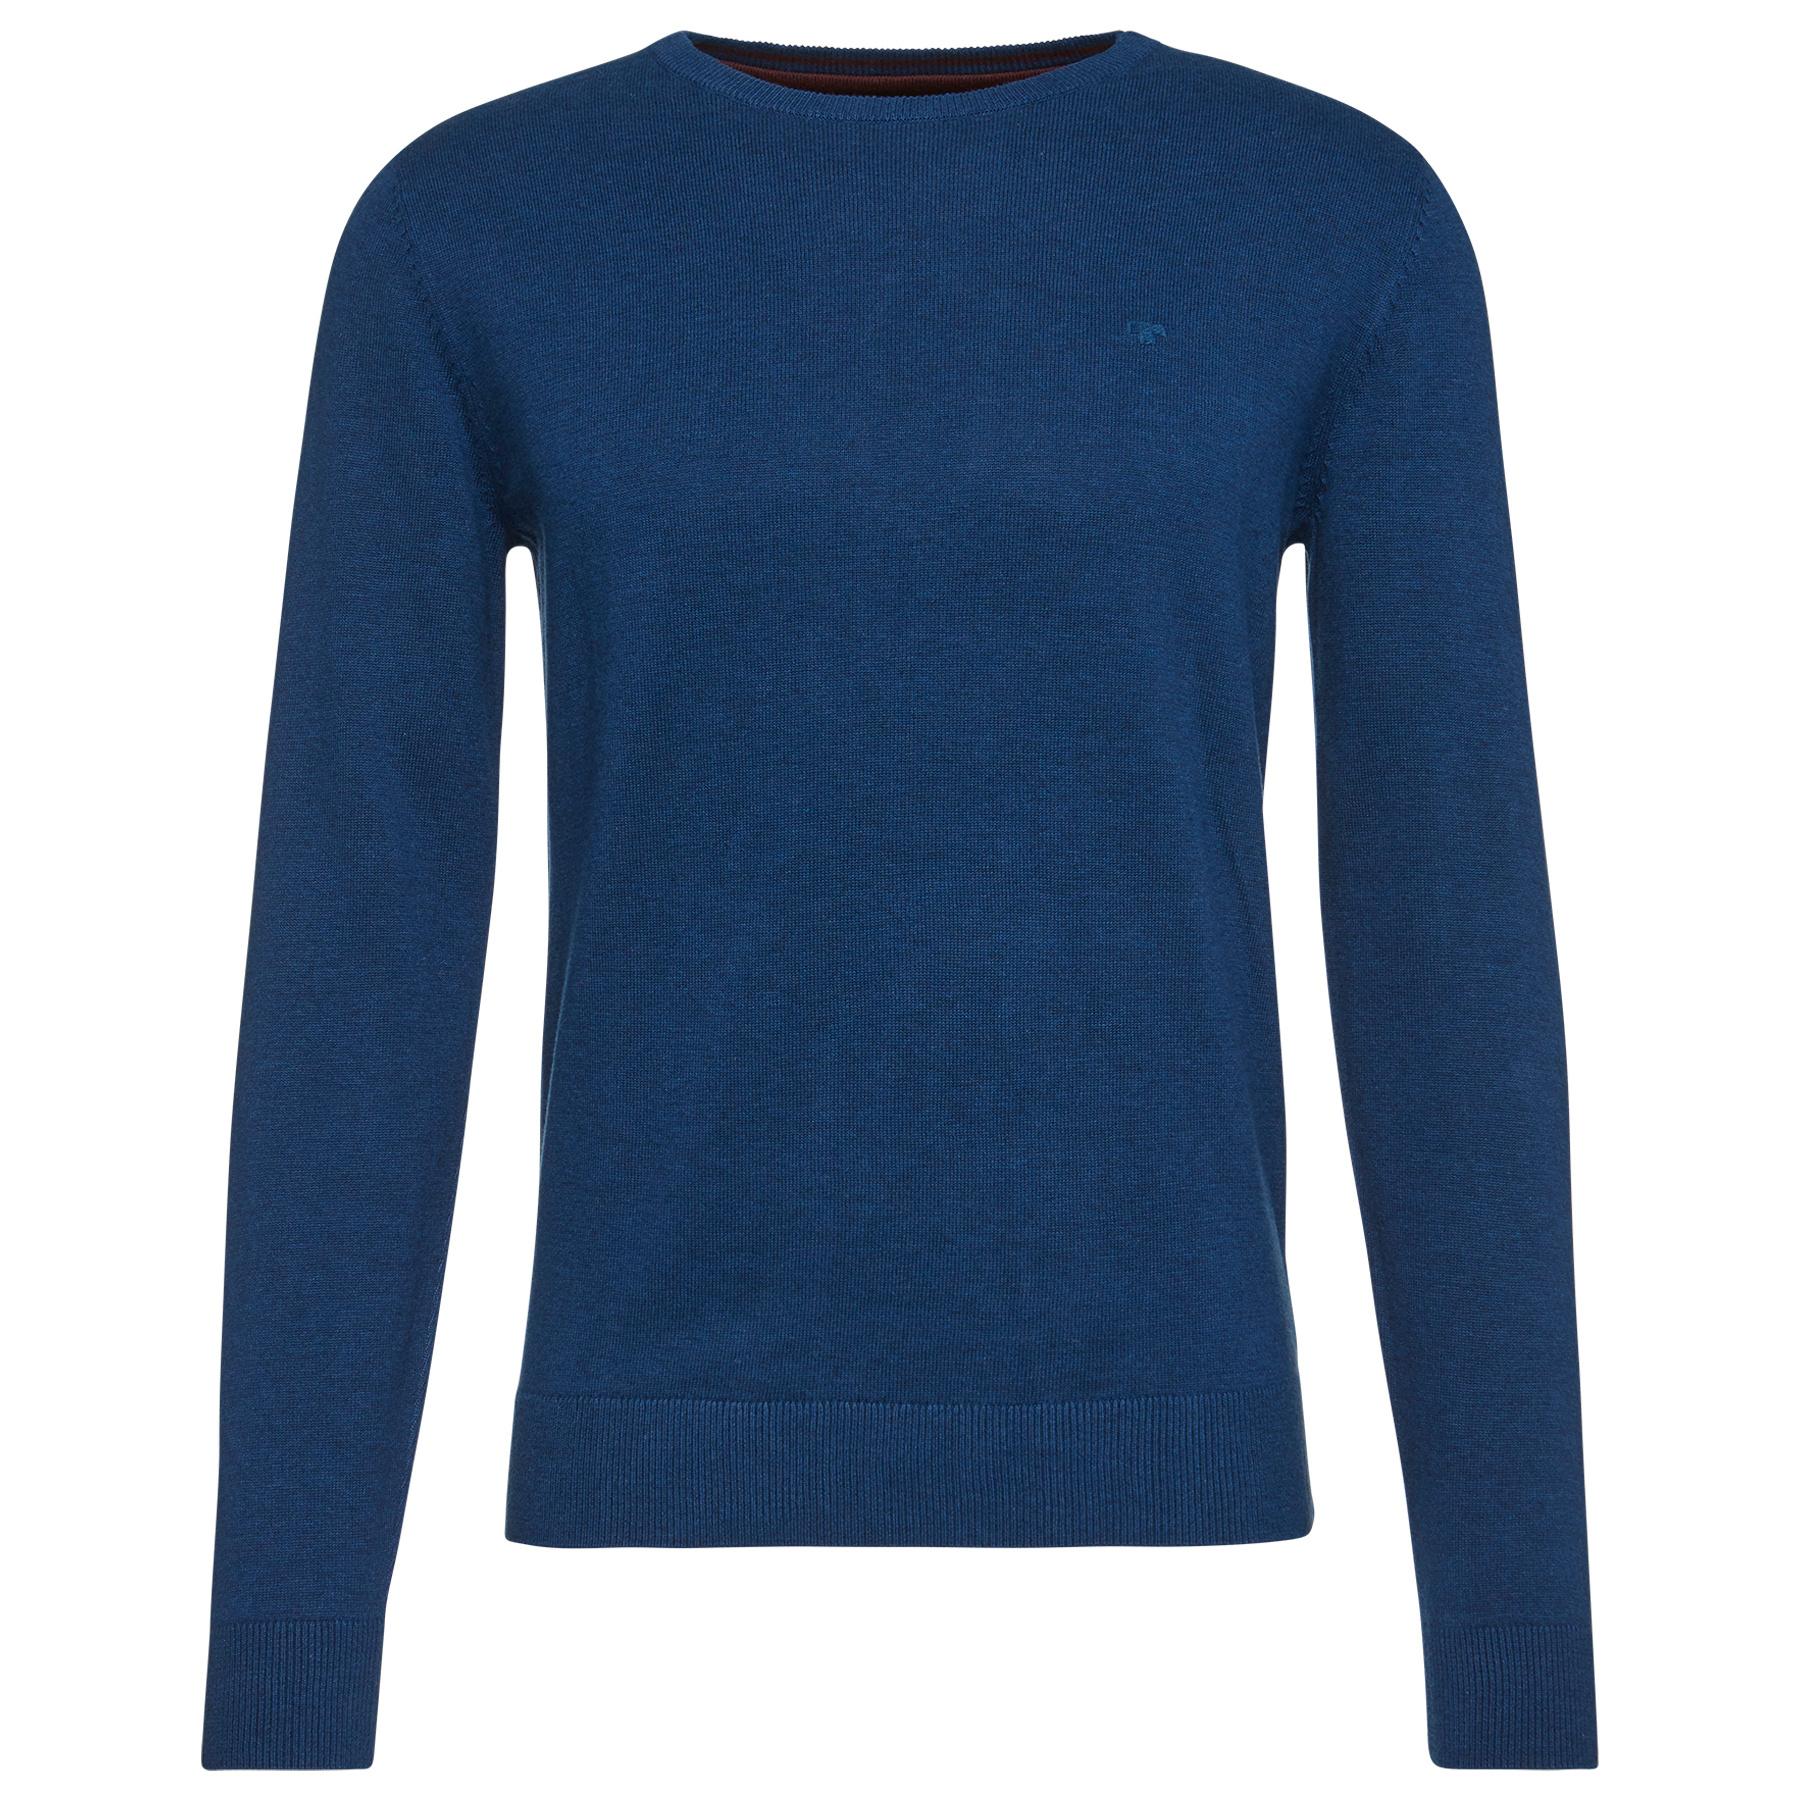 TTM_NOS_pullower-blue_ 30228800910_29,99eur